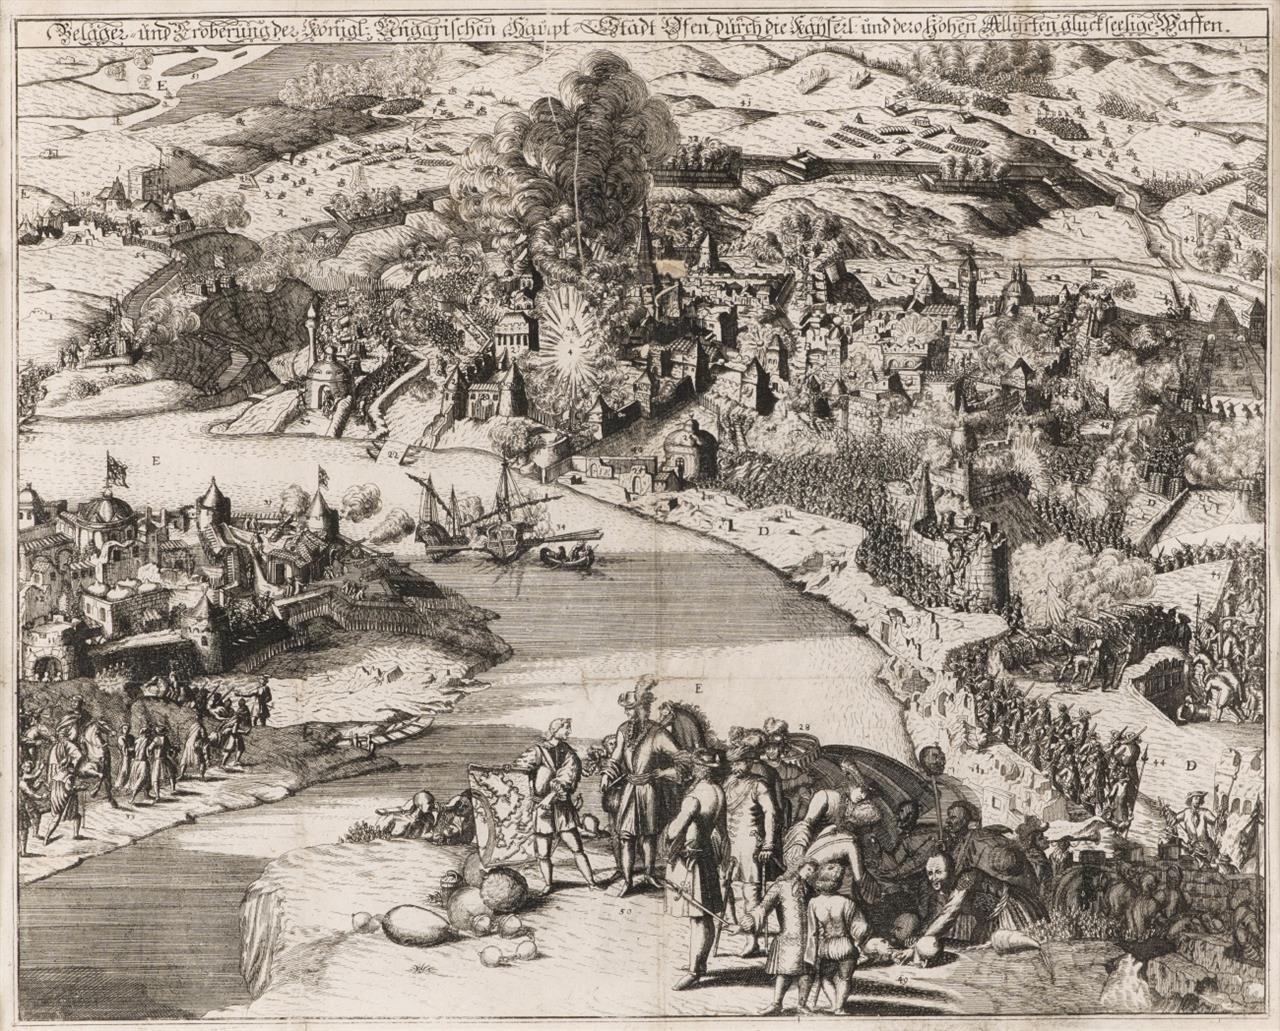 Ungarn. Budapest. Belagerung von Ofen. 1686-1690. Radierung von J. Ch. Haffner.